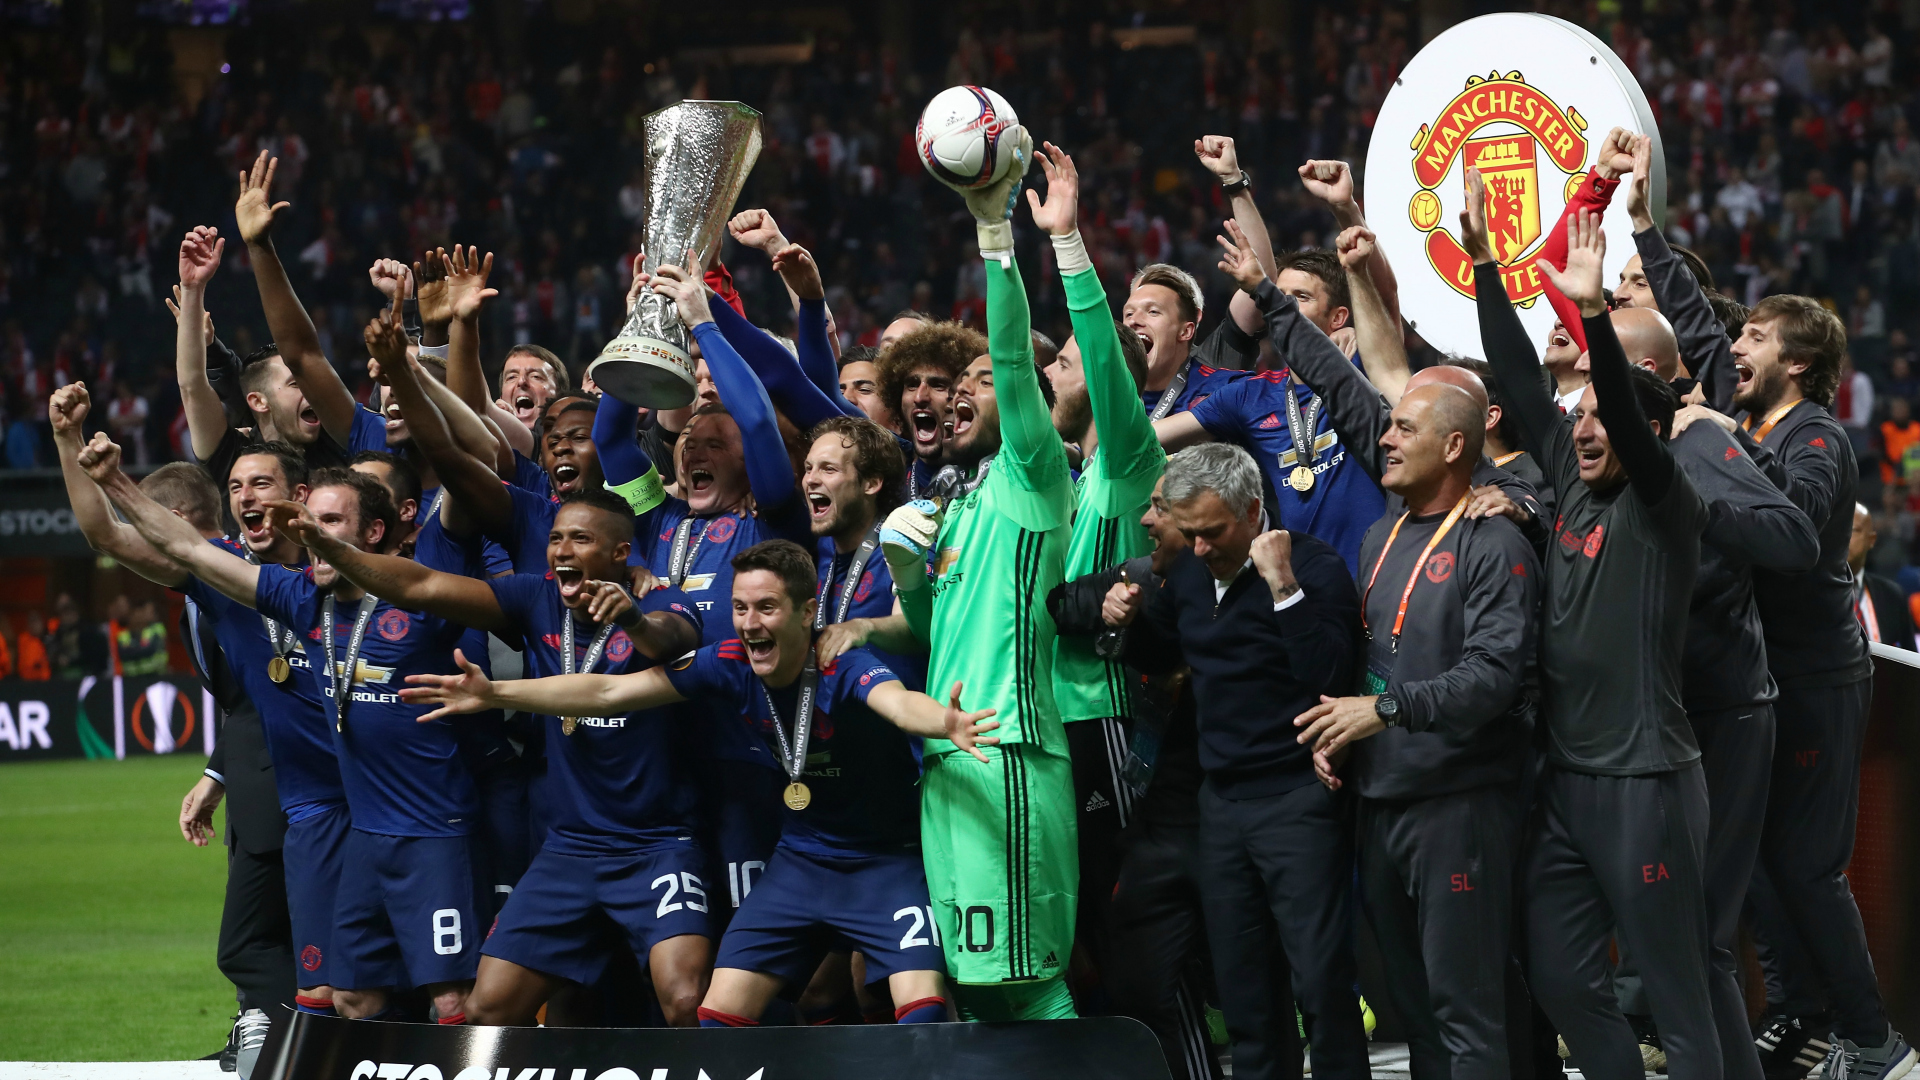 Man Utd S Europa League Title Gave Manchester A Lift